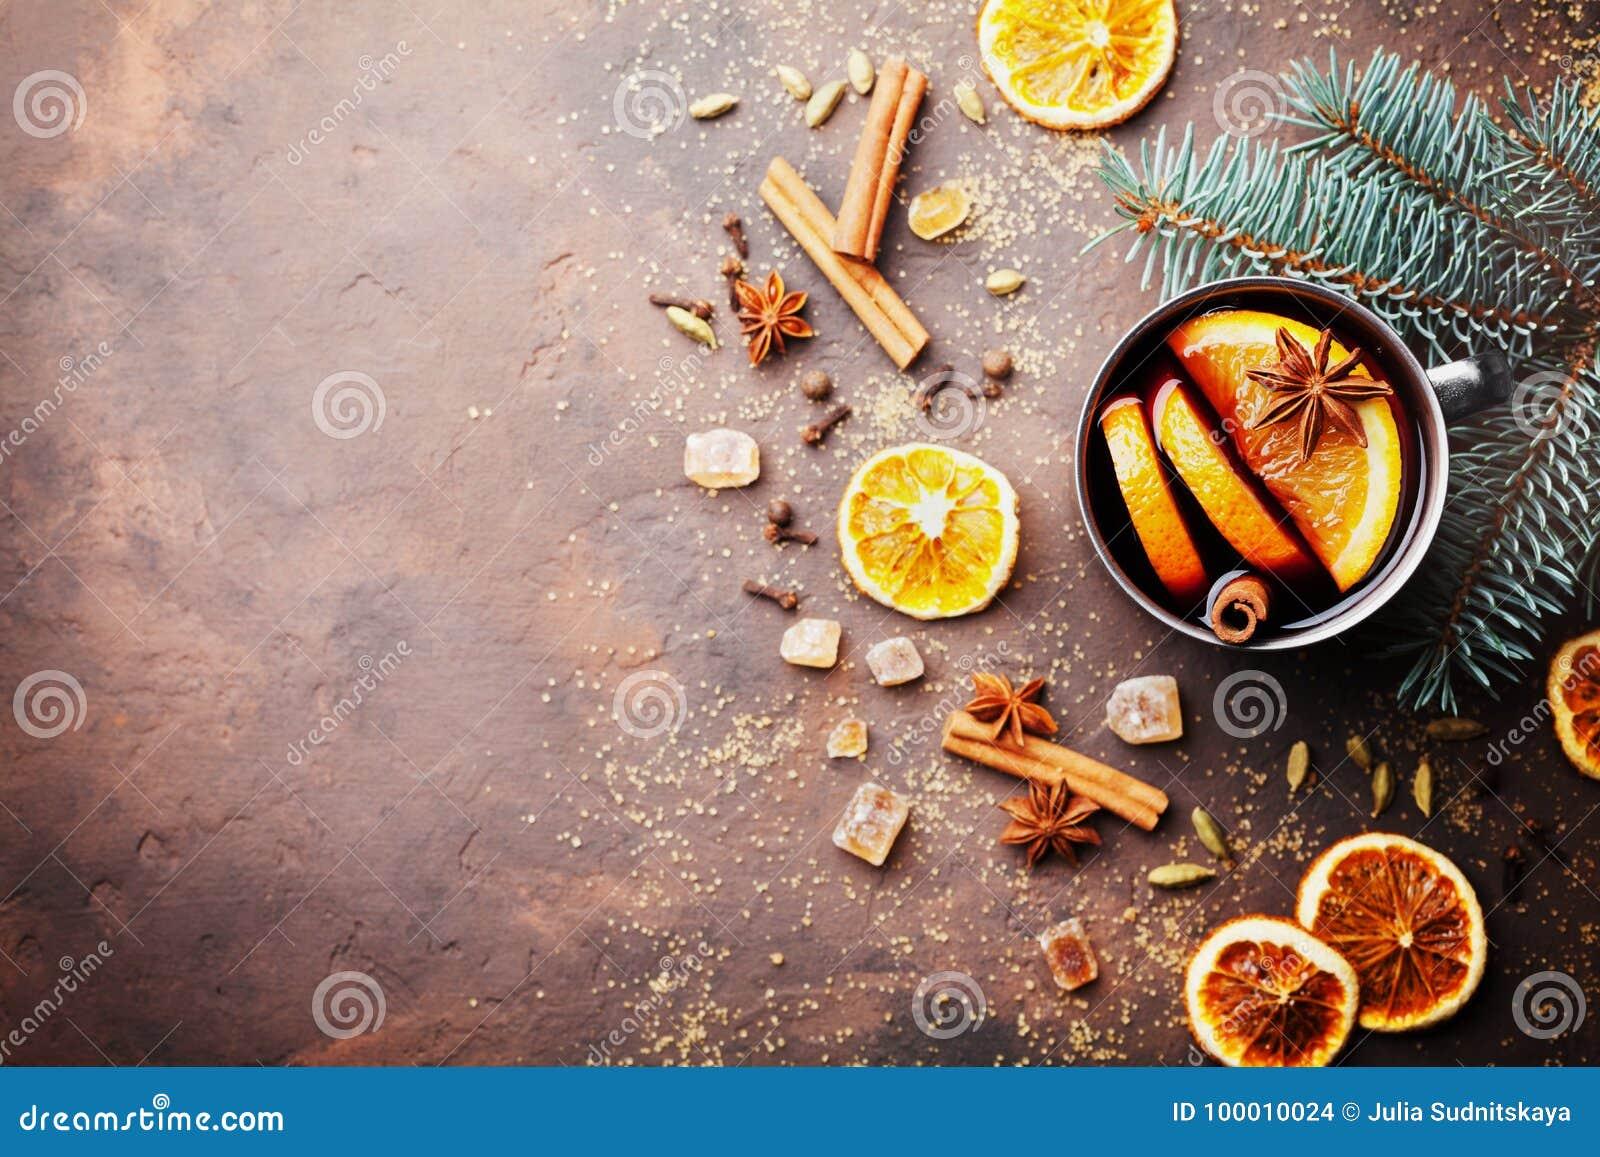 Jul funderade vin eller gluhwein med kryddor och apelsinskivor på lantlig bästa sikt för tabell Traditionell drink på vinterferie